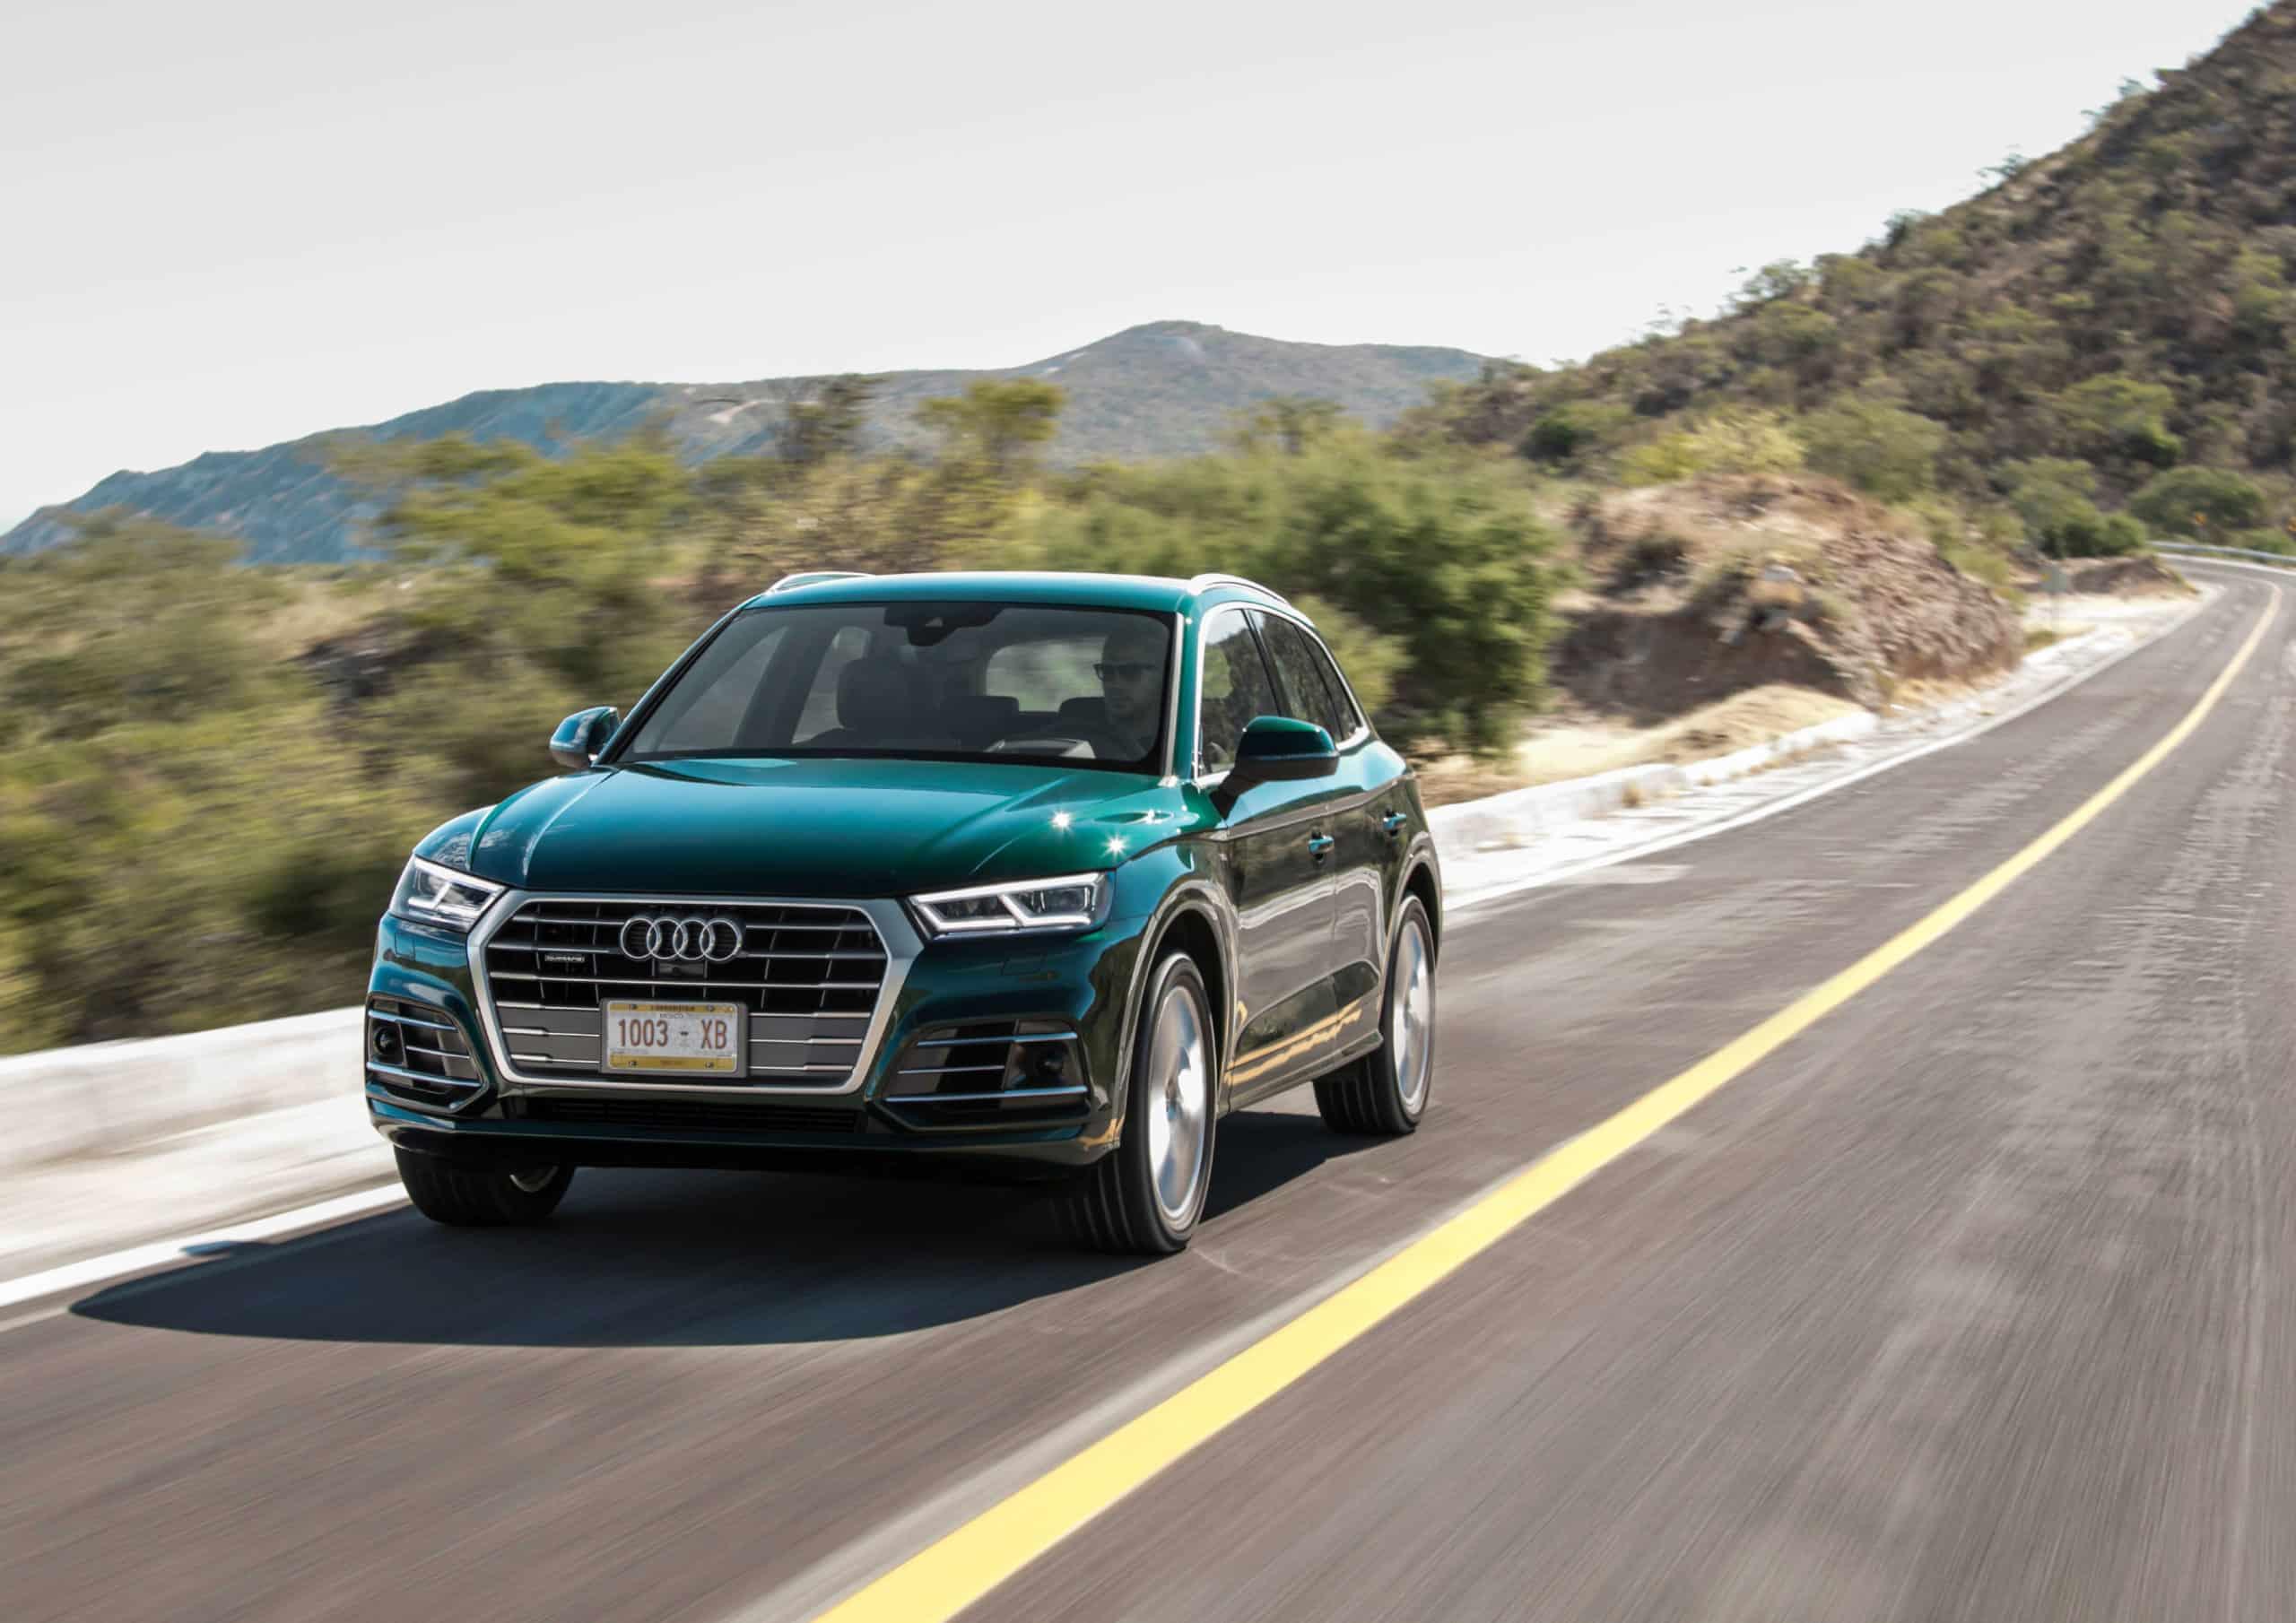 Audi Q5 Sport 2.0 TDI quattro AHK